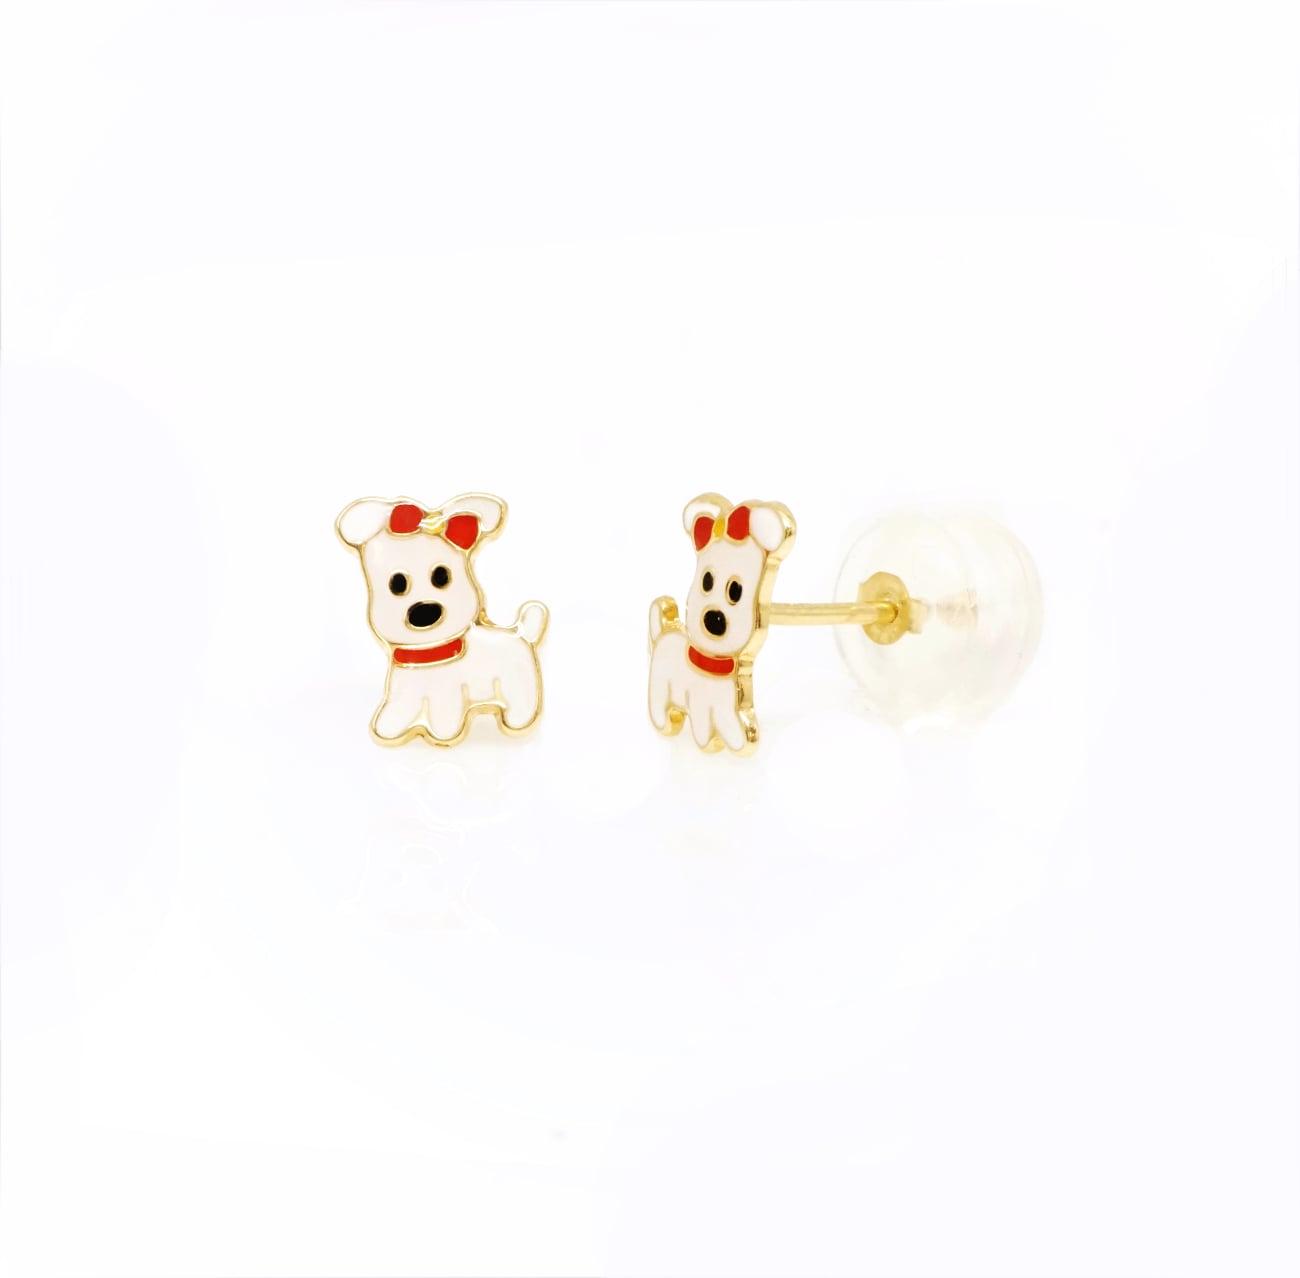 עגילי כלבלב עגילי ילדות פאפי עגילים בסגנון כלב